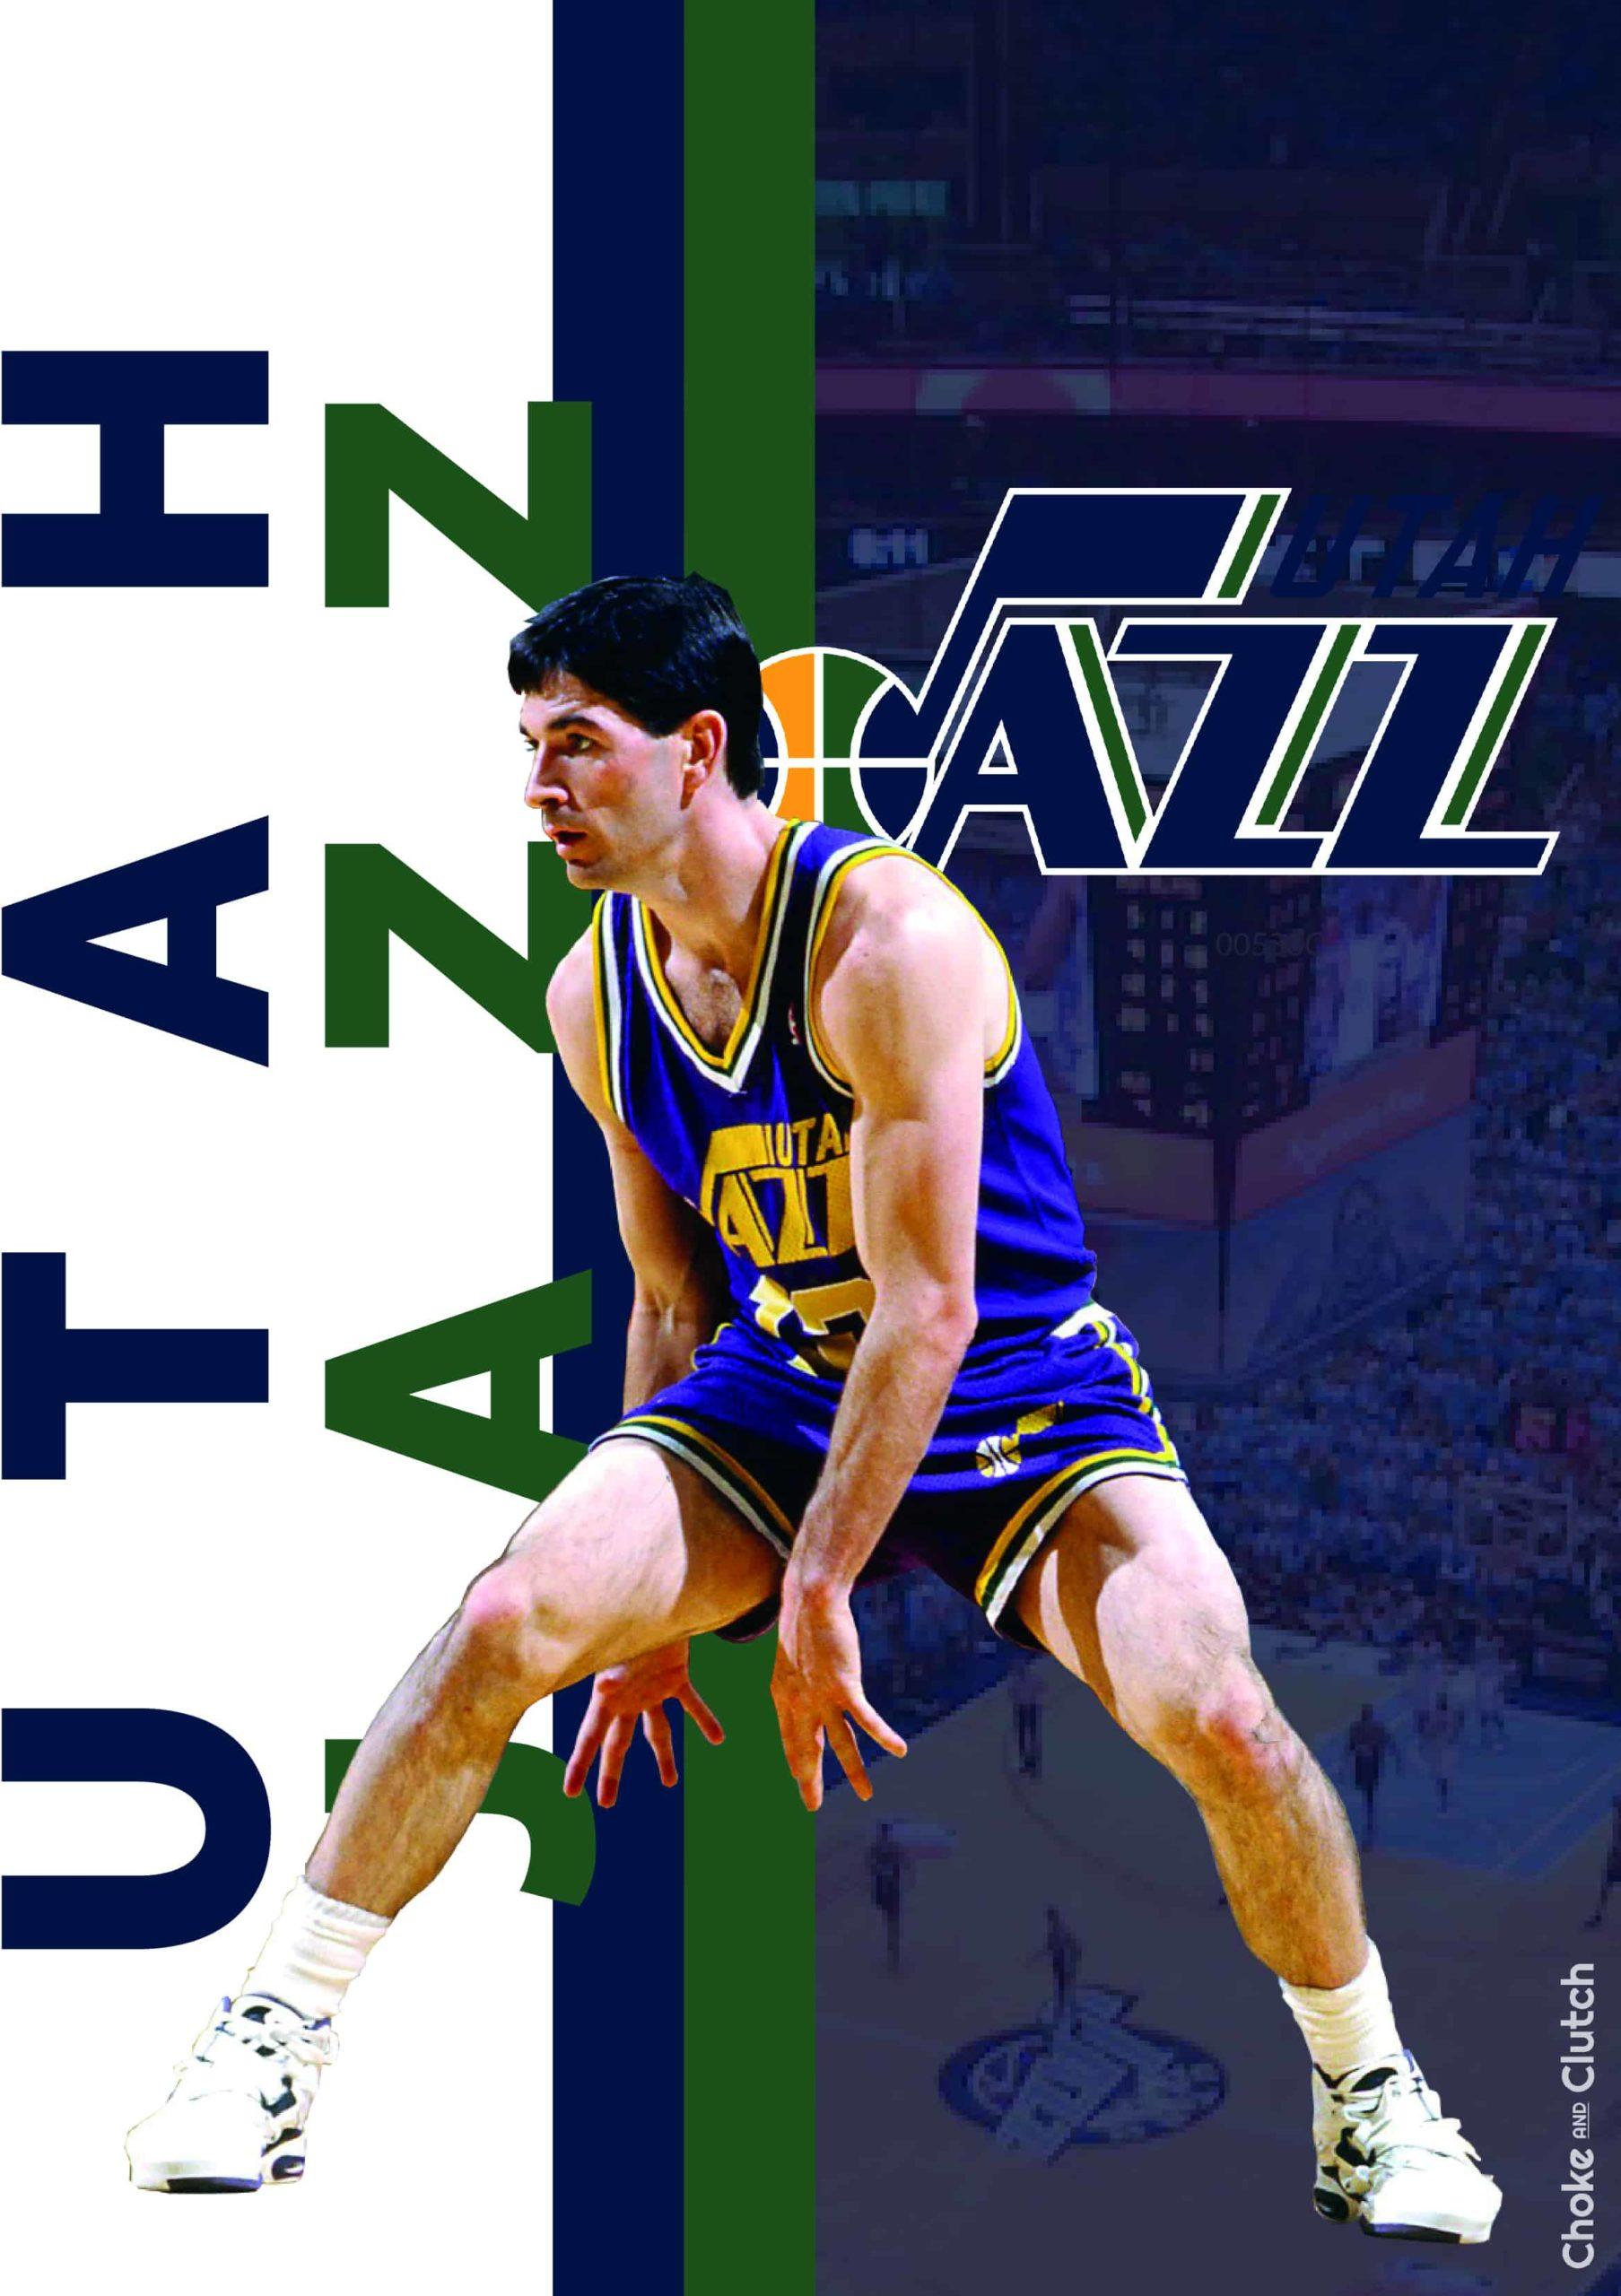 Histoire de la franchise NBA du Jazz d'Utah